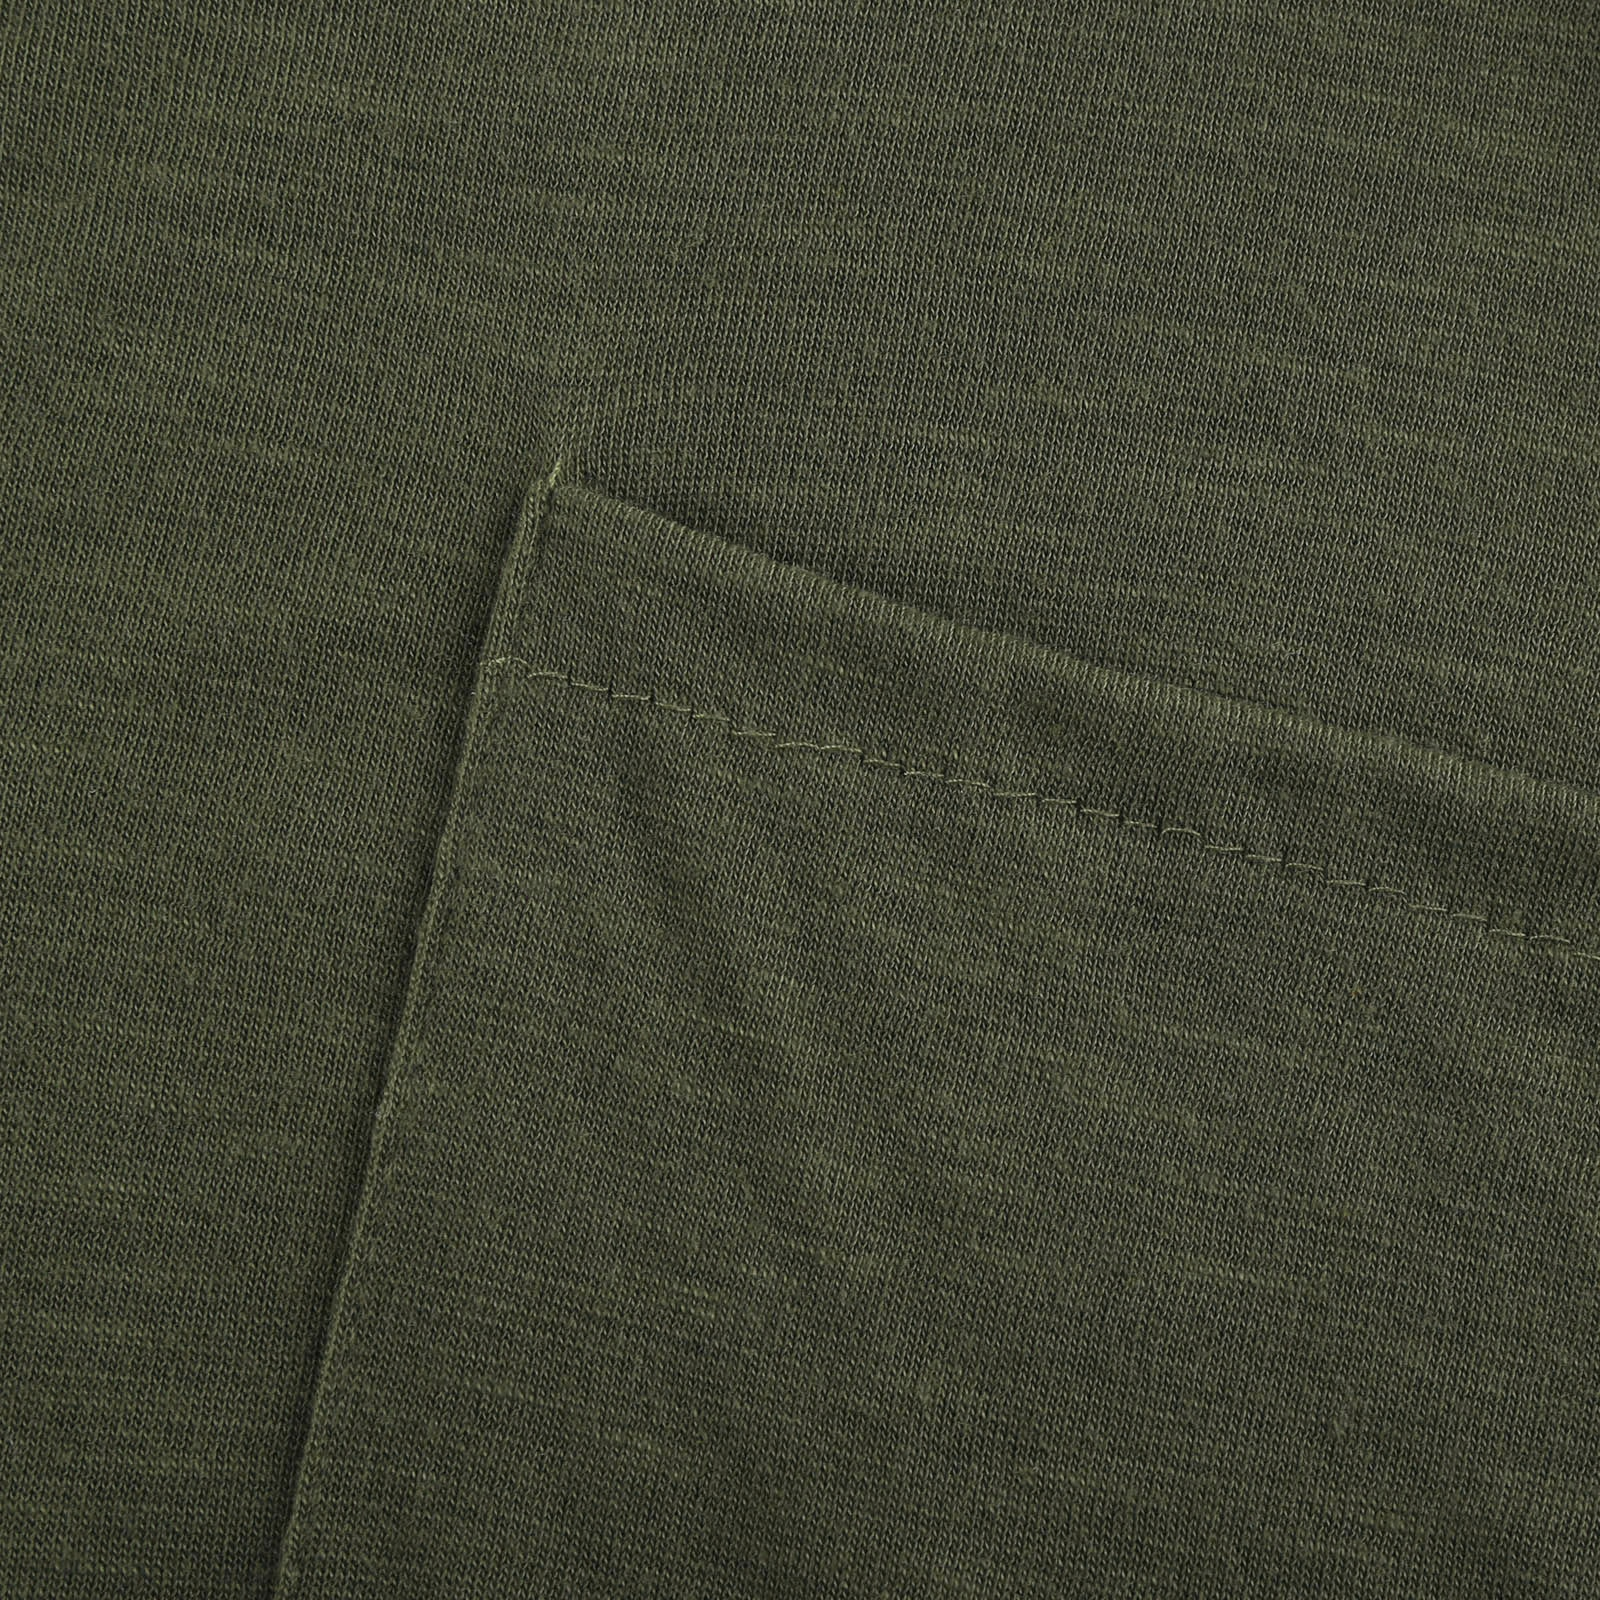 Мужчины% 27 пижамы комбинезон мода большой размер сексуальный однотонный цвет пуговицы с длинными рукавами шорты комбинезон повседневный домашний комбинезон горячий 40% 2A